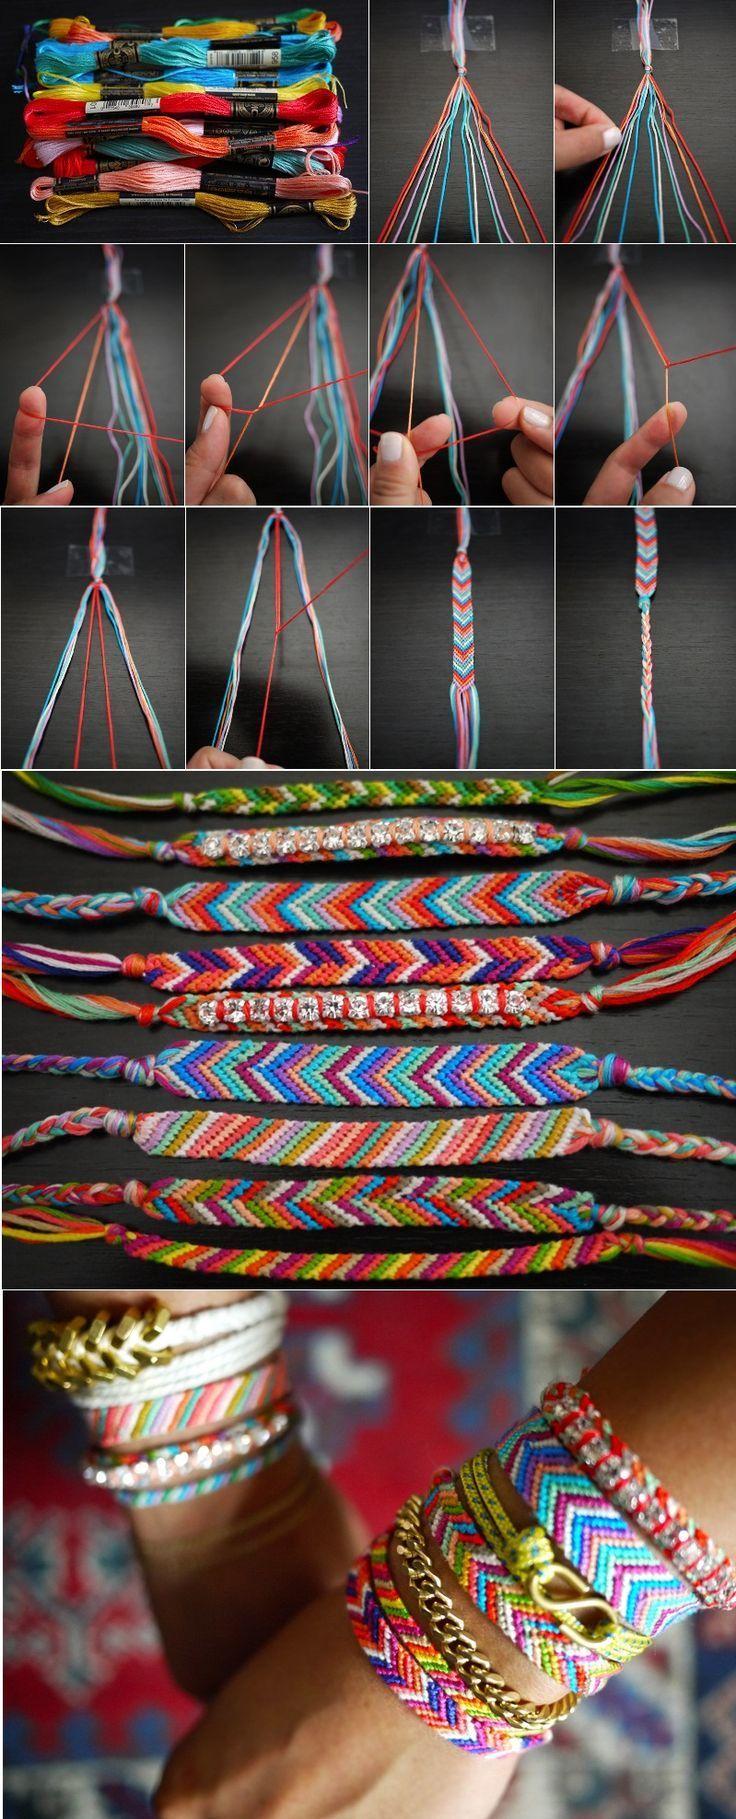 Les 25 meilleures id es de la cat gorie bracelets en tissu sur pinterest bracelets manchettes - Tissu pour bracelet liberty ...